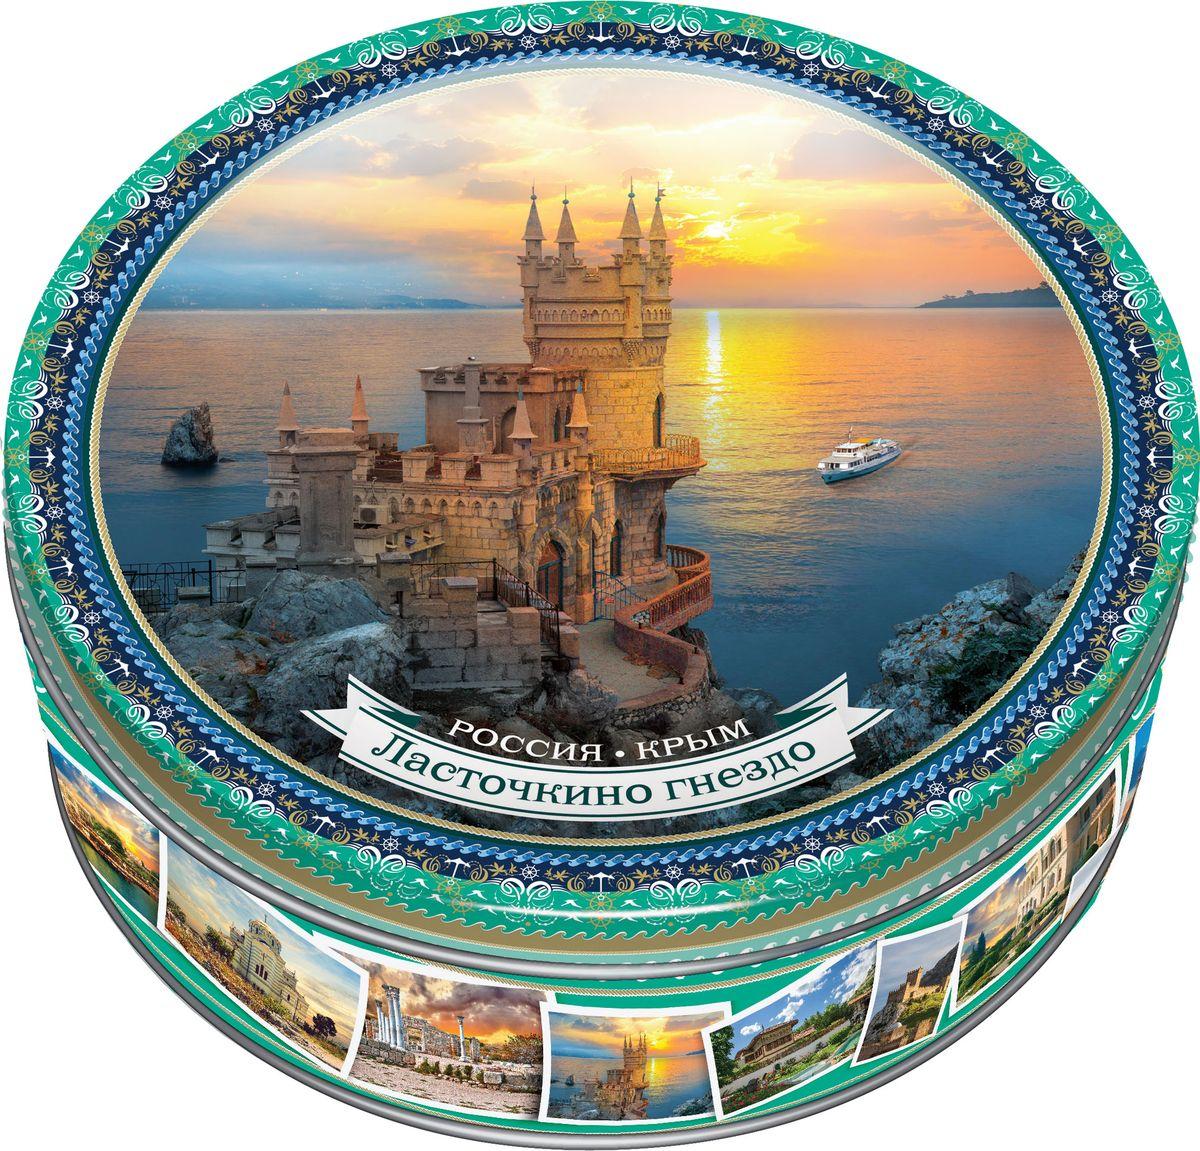 Monte Christo Крым печенье сдобное, 400 г сладкая сказка печенье дед мороз и снегурочка 400 г